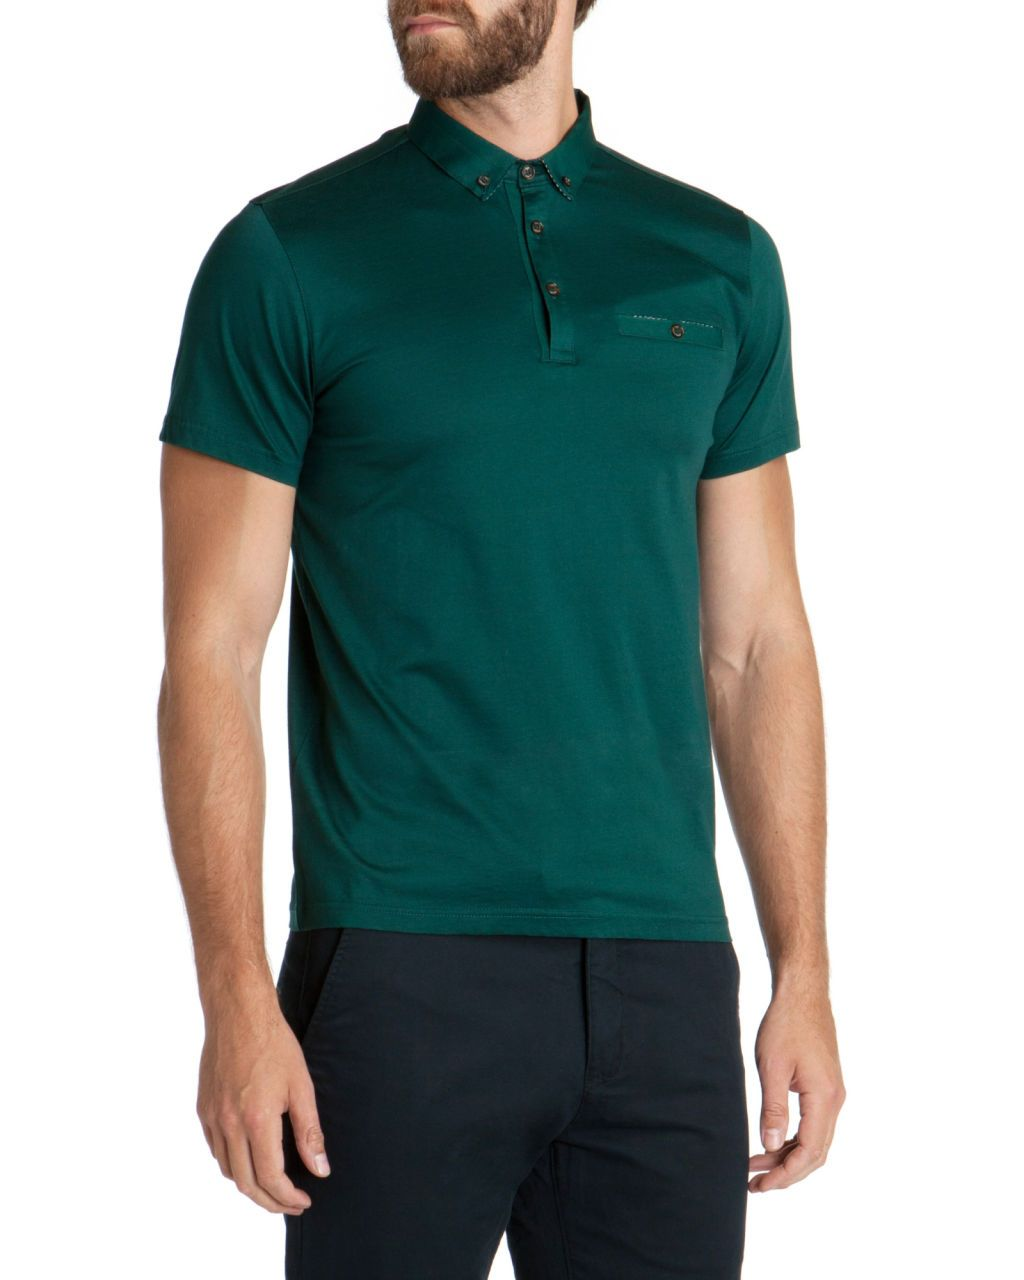 ef969a8bd Mens Designer Polo Shirts Outlet - raveitsafe